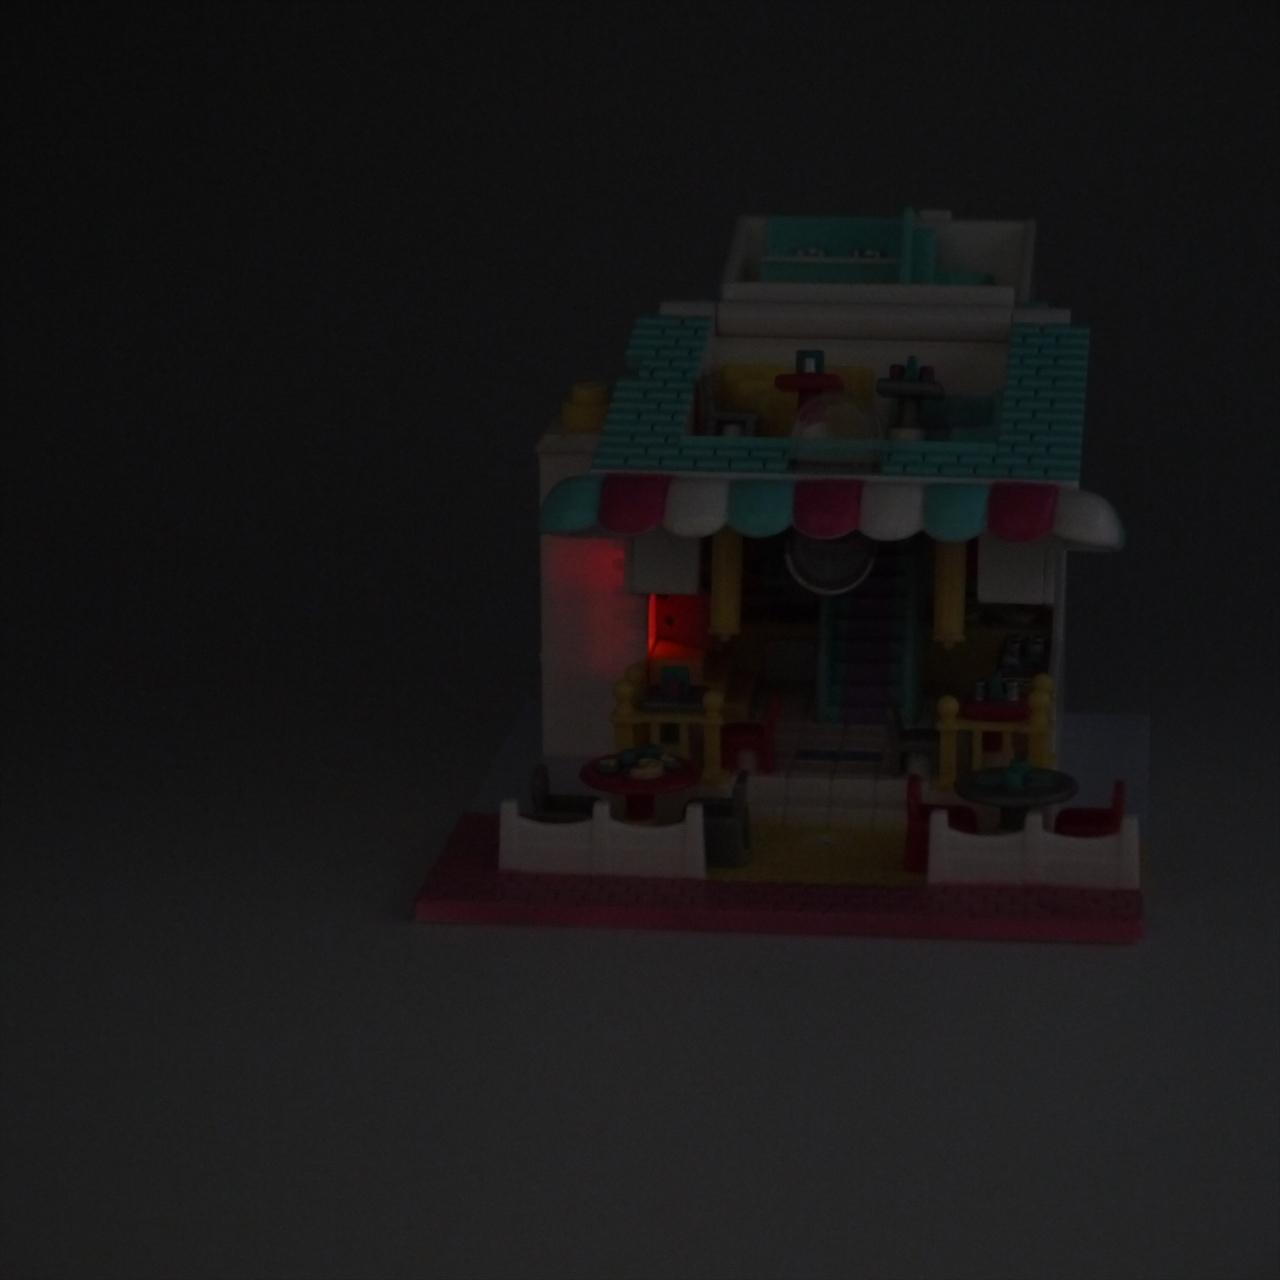 ポーリーポケット ライトアップピザ屋さん 1993年 完品 ポーリータウンシリーズ